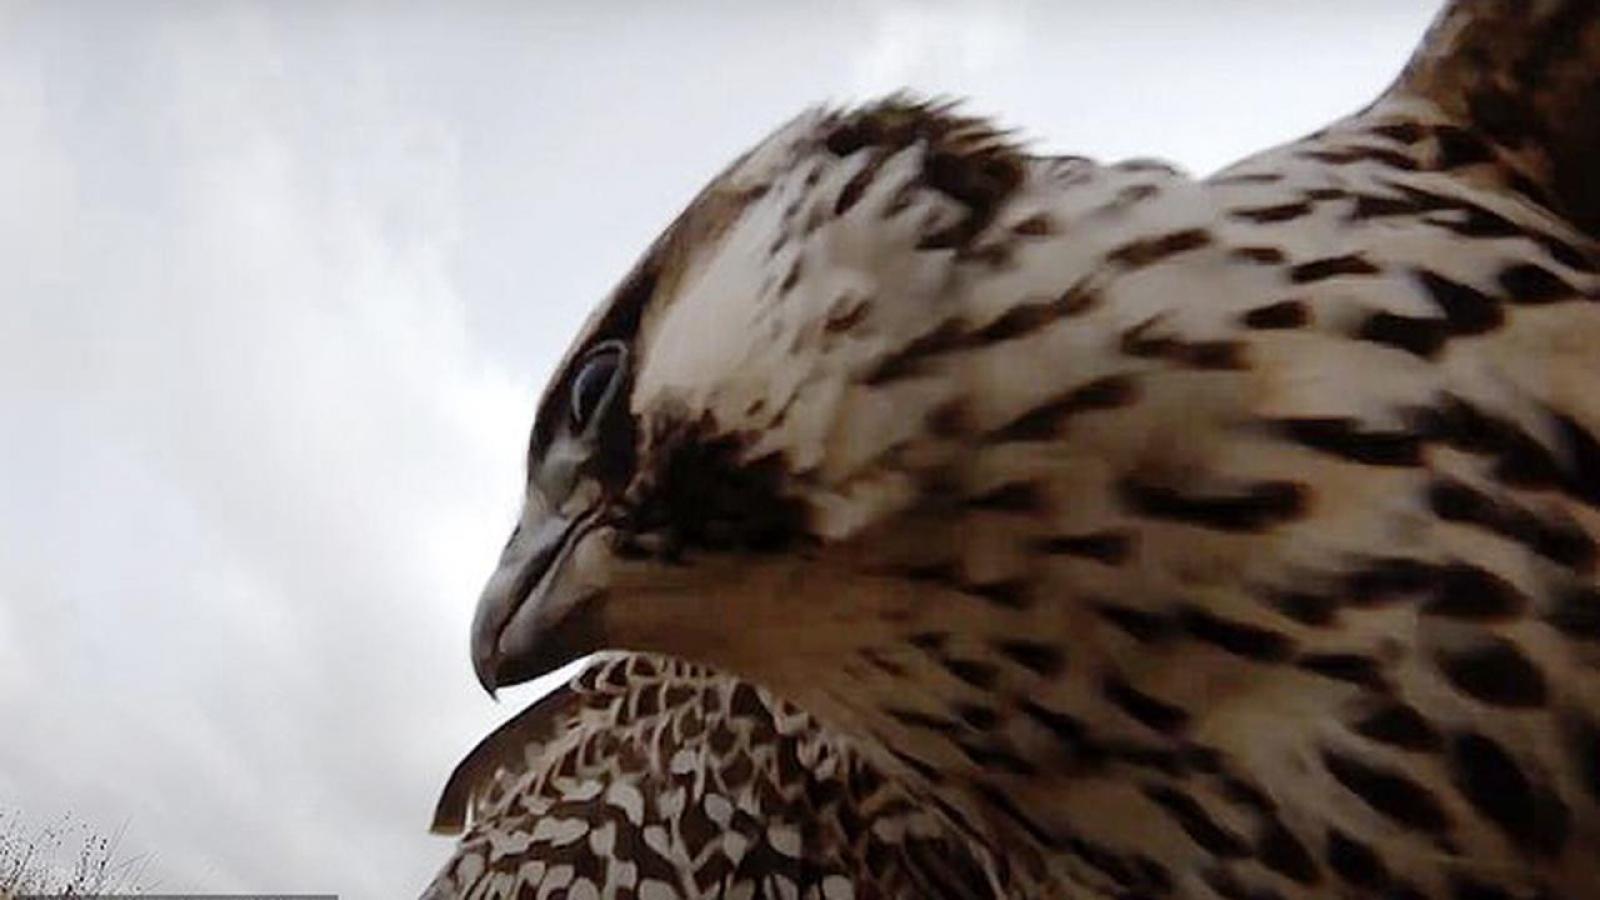 Giật mình trước cảnh chim ưng tấn công máy bay không người lái ở độ cao 700m